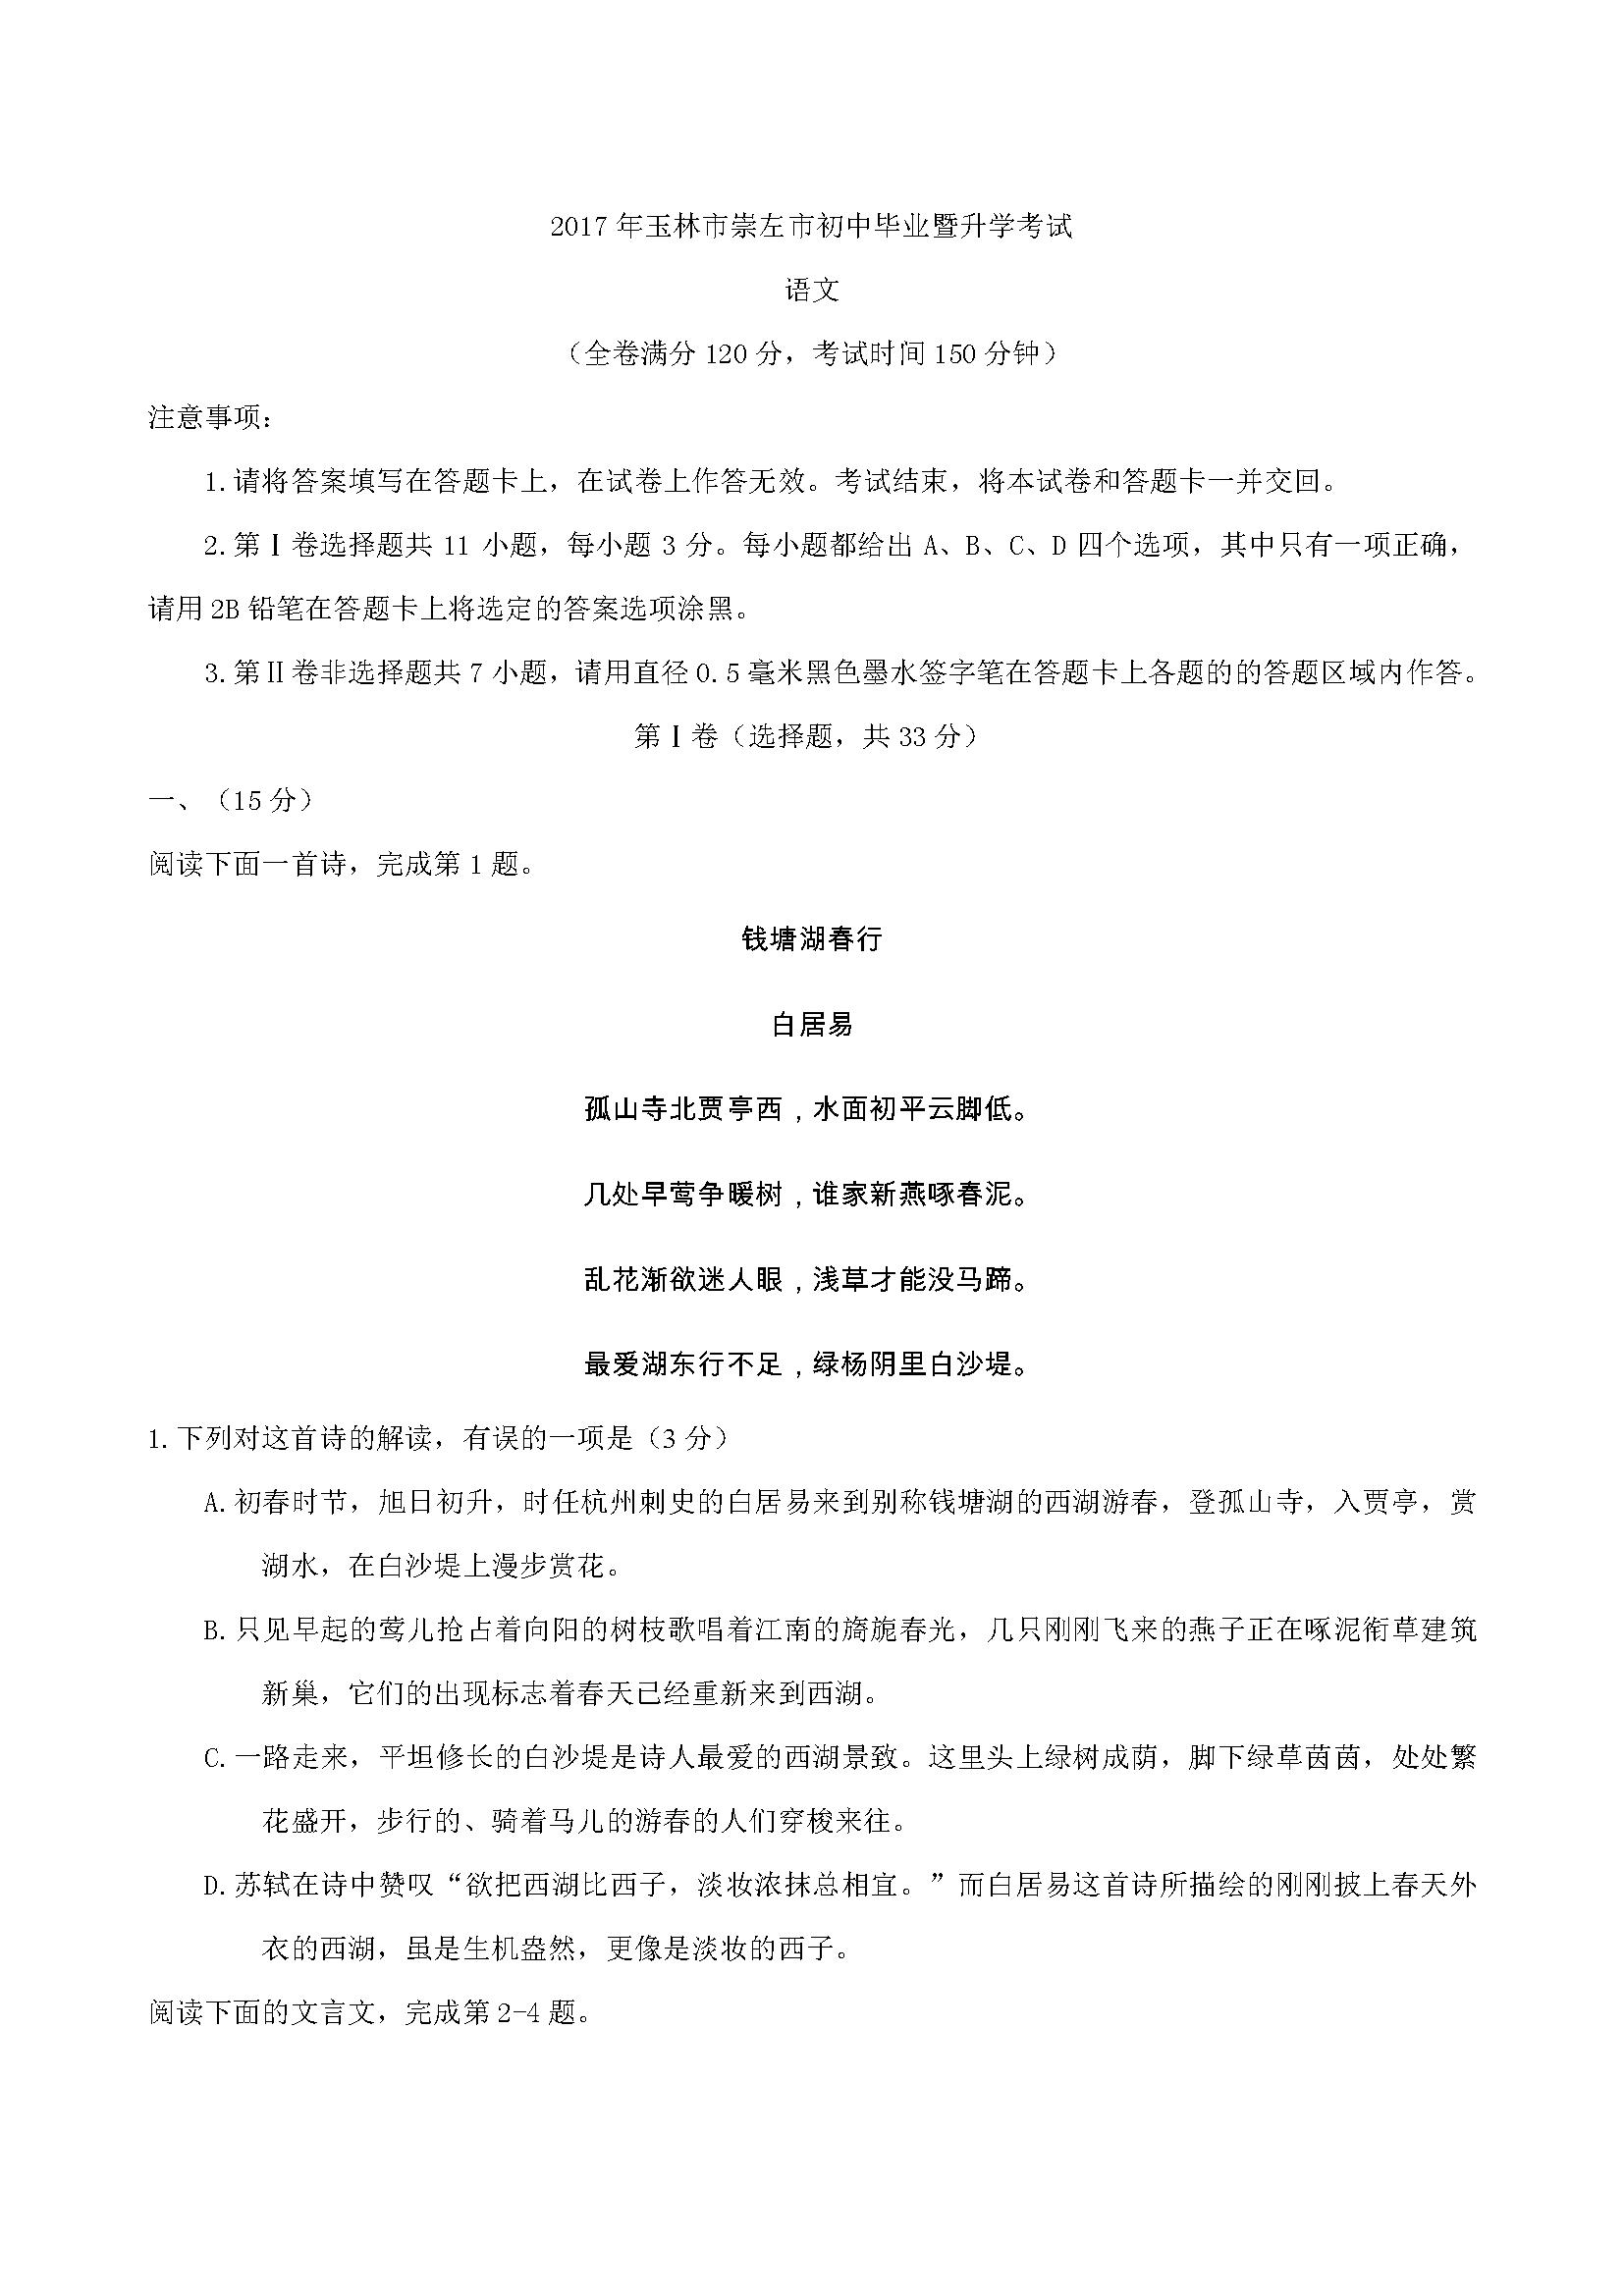 广西玉林崇左2017年中考语文试题(Word版)